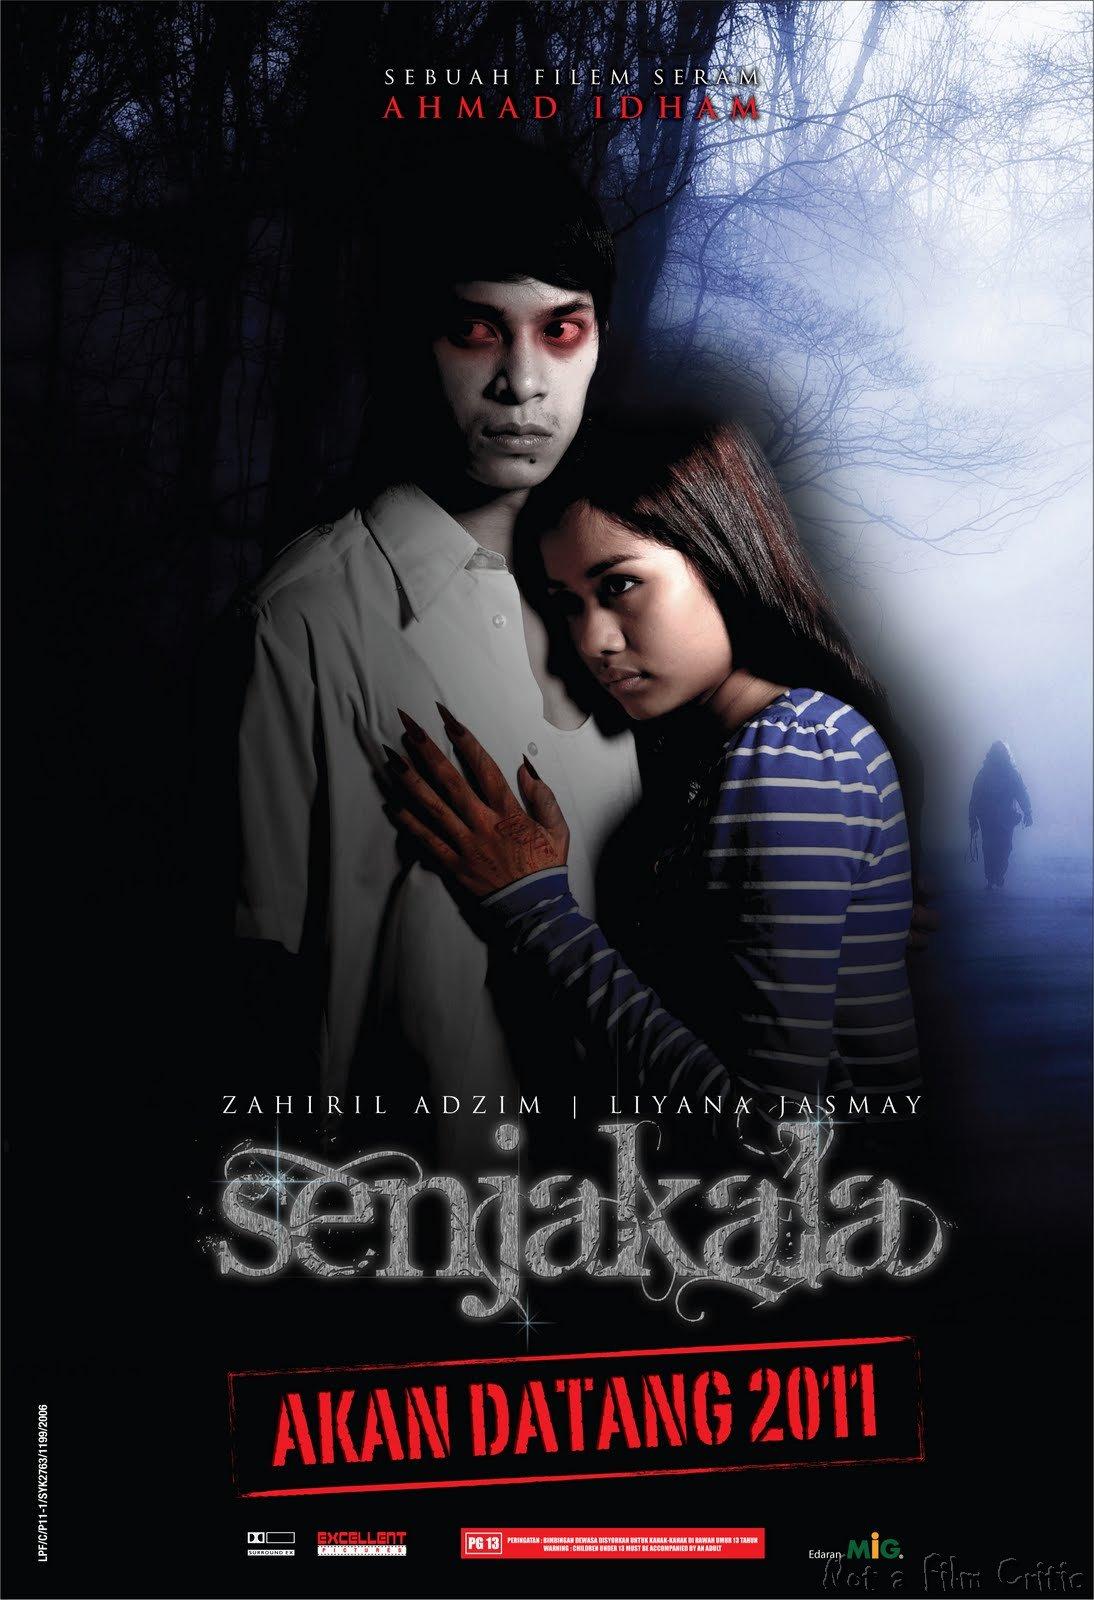 http://2.bp.blogspot.com/-7Mop_w8Wq2Q/TdpyvpOV6pI/AAAAAAAAAkM/xoL2Ii5nG2A/s1600/Senjakala-movie-poster-2011.jpg